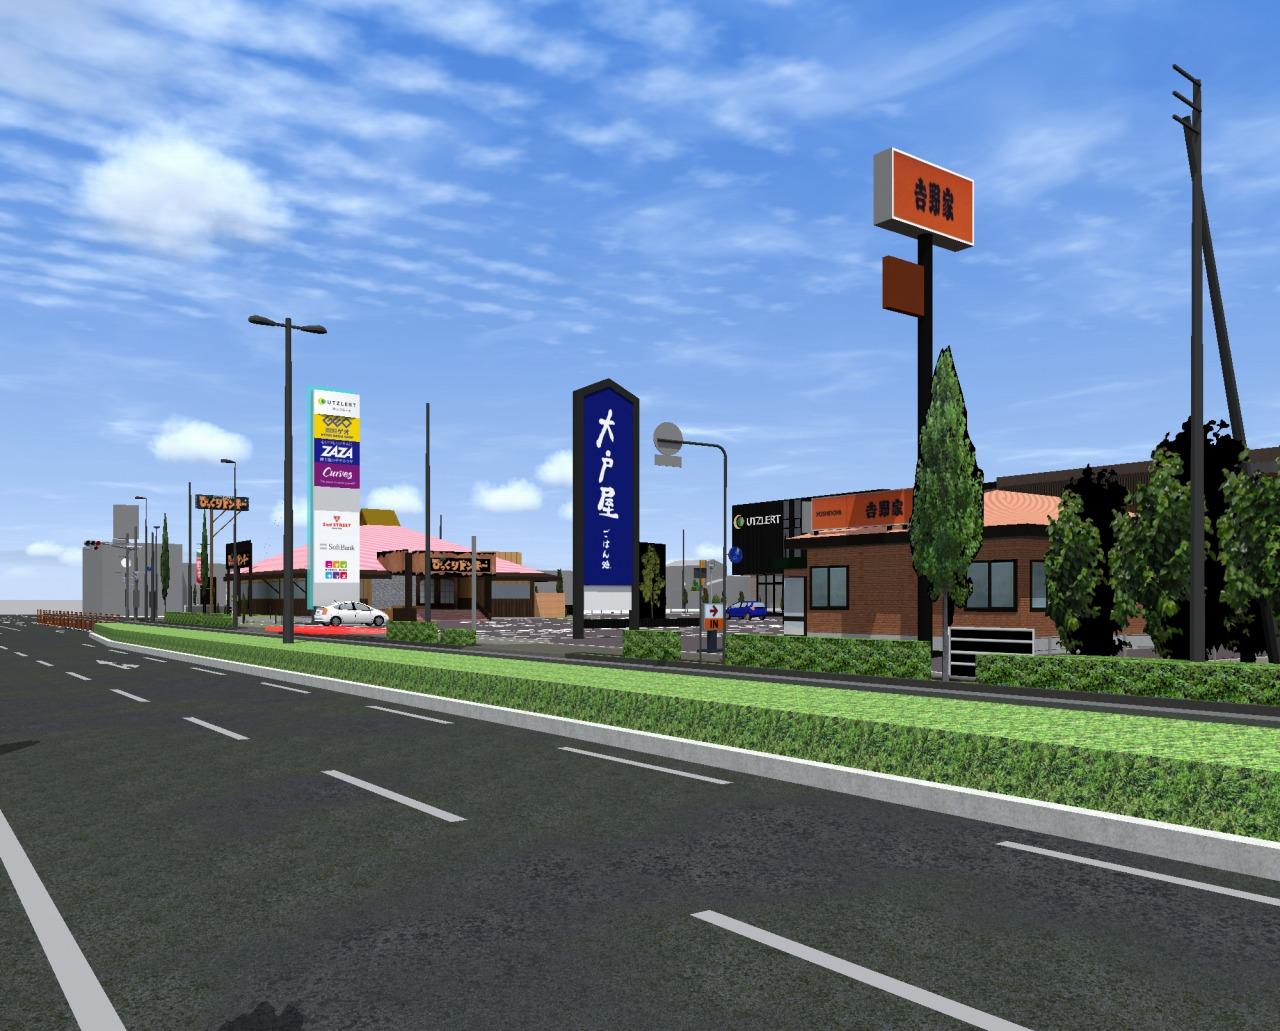 大通りからも裏口の通路からも見えやすい看板のシミュレーション